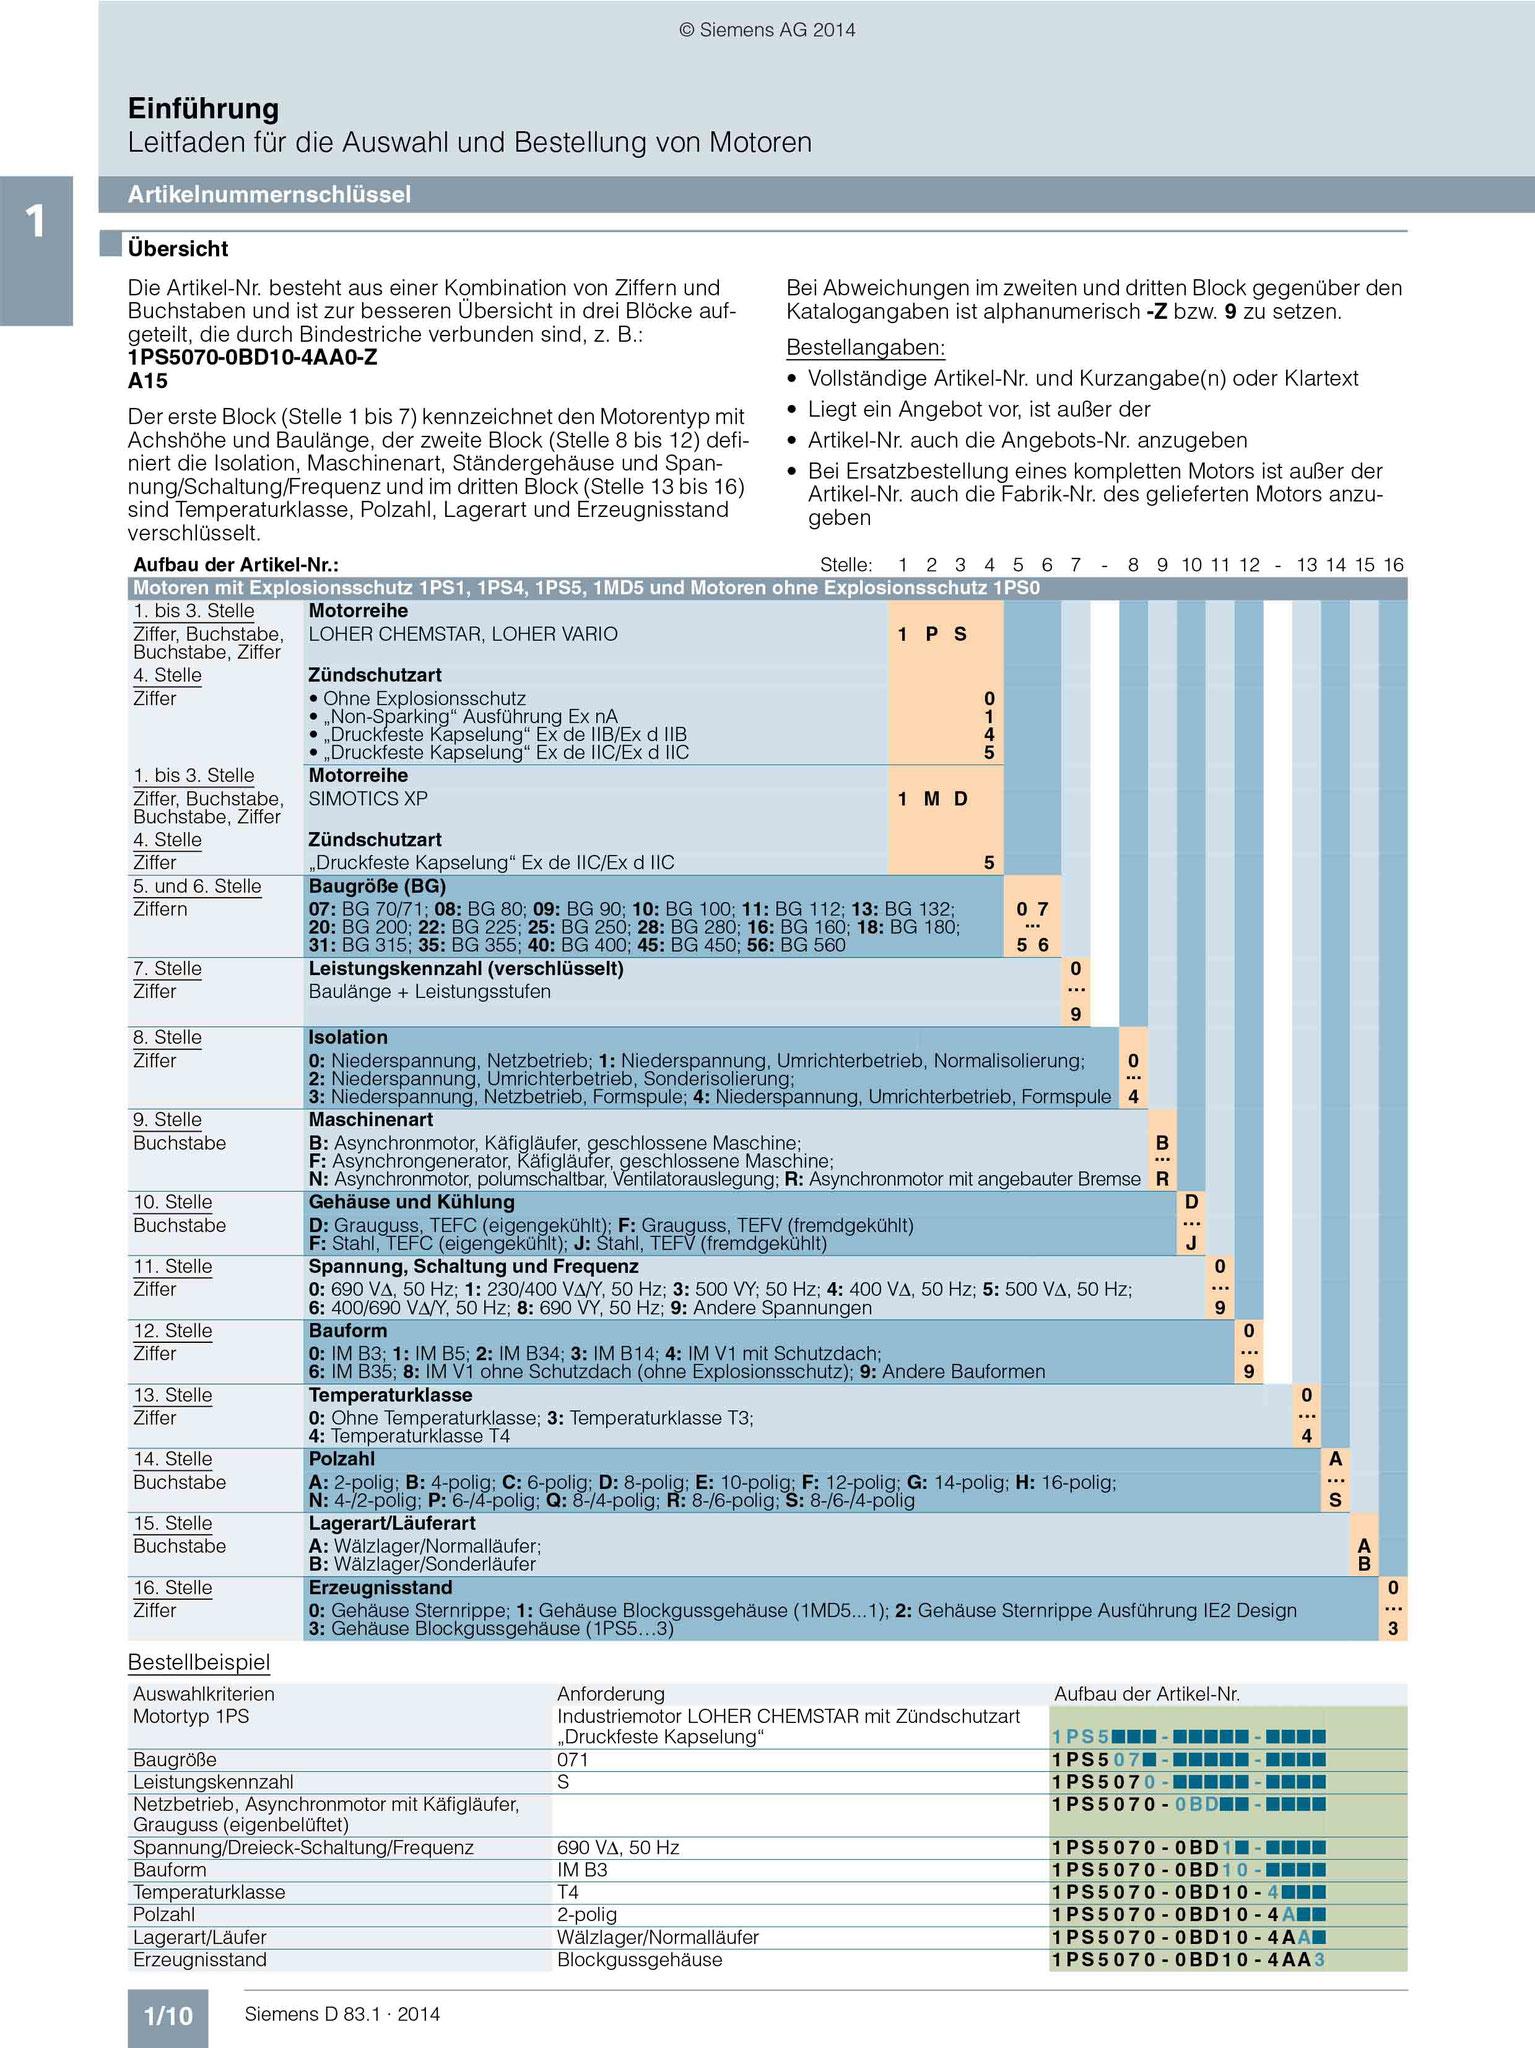 Siemens Katalog (D 83.1): Artikelnummernschlüssel Übersicht © Siemens AG 2019, Alle Rechte vorbehalten